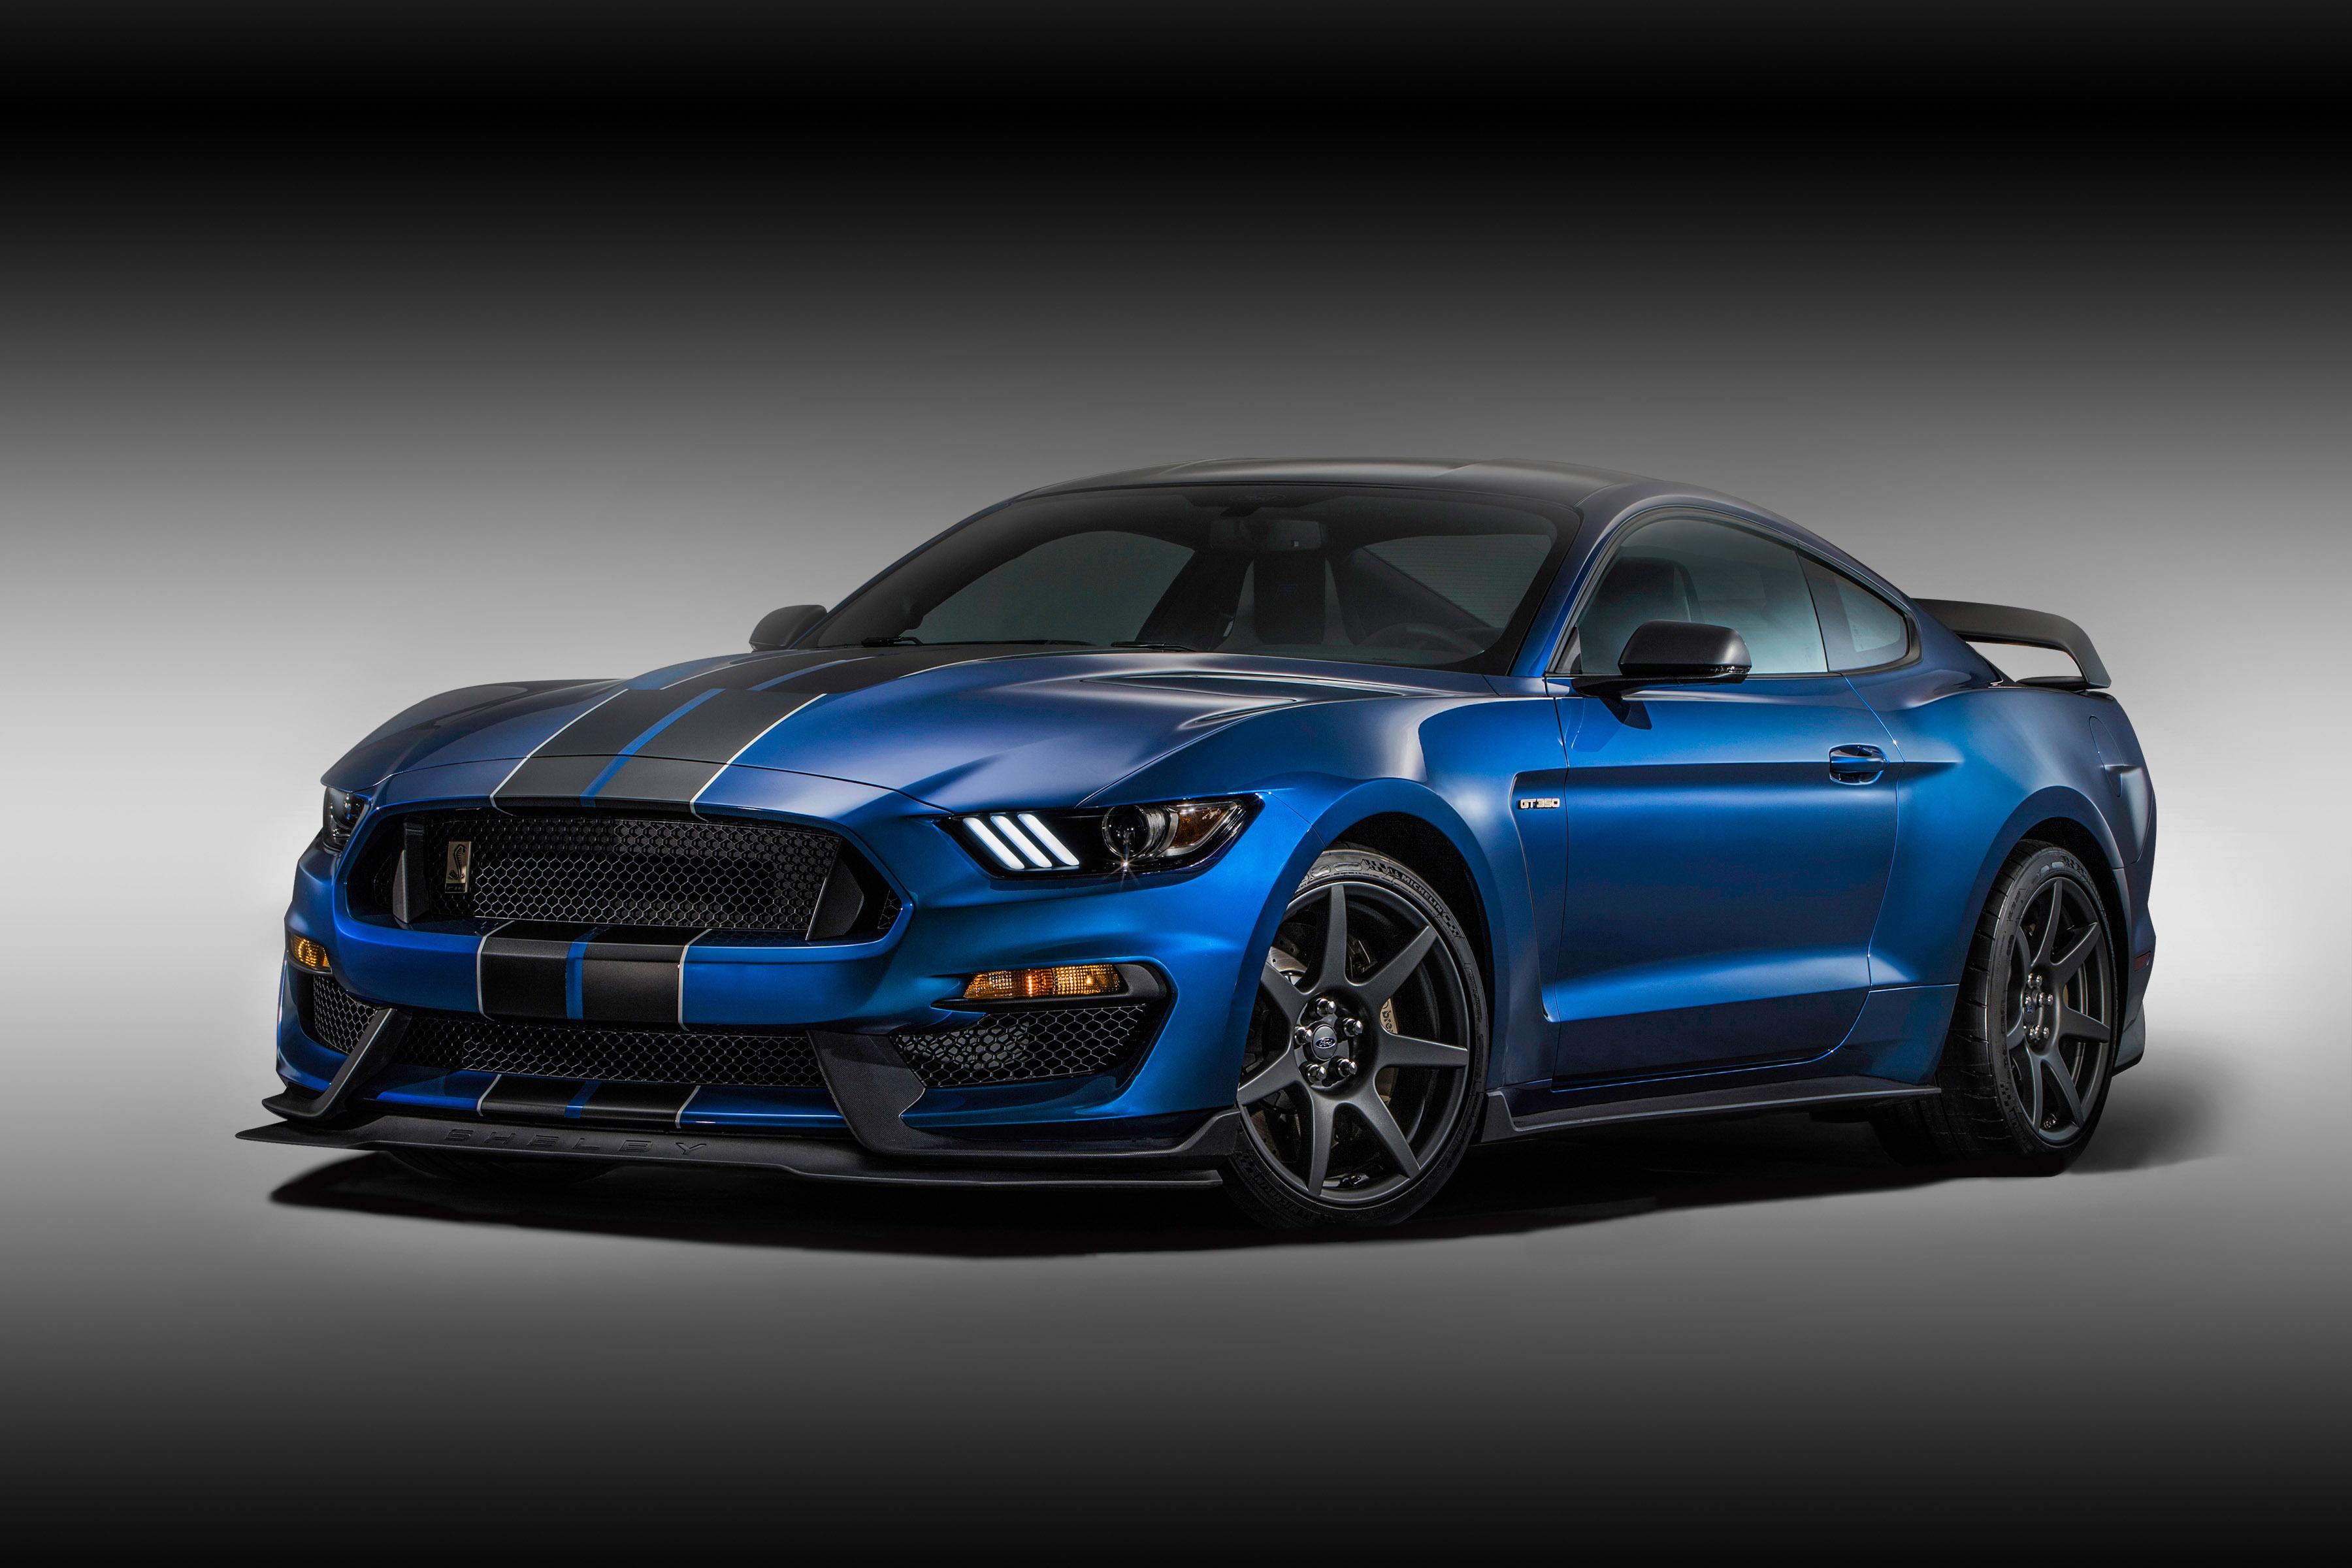 Ford Mustang Shelby очень пожароопасен 1